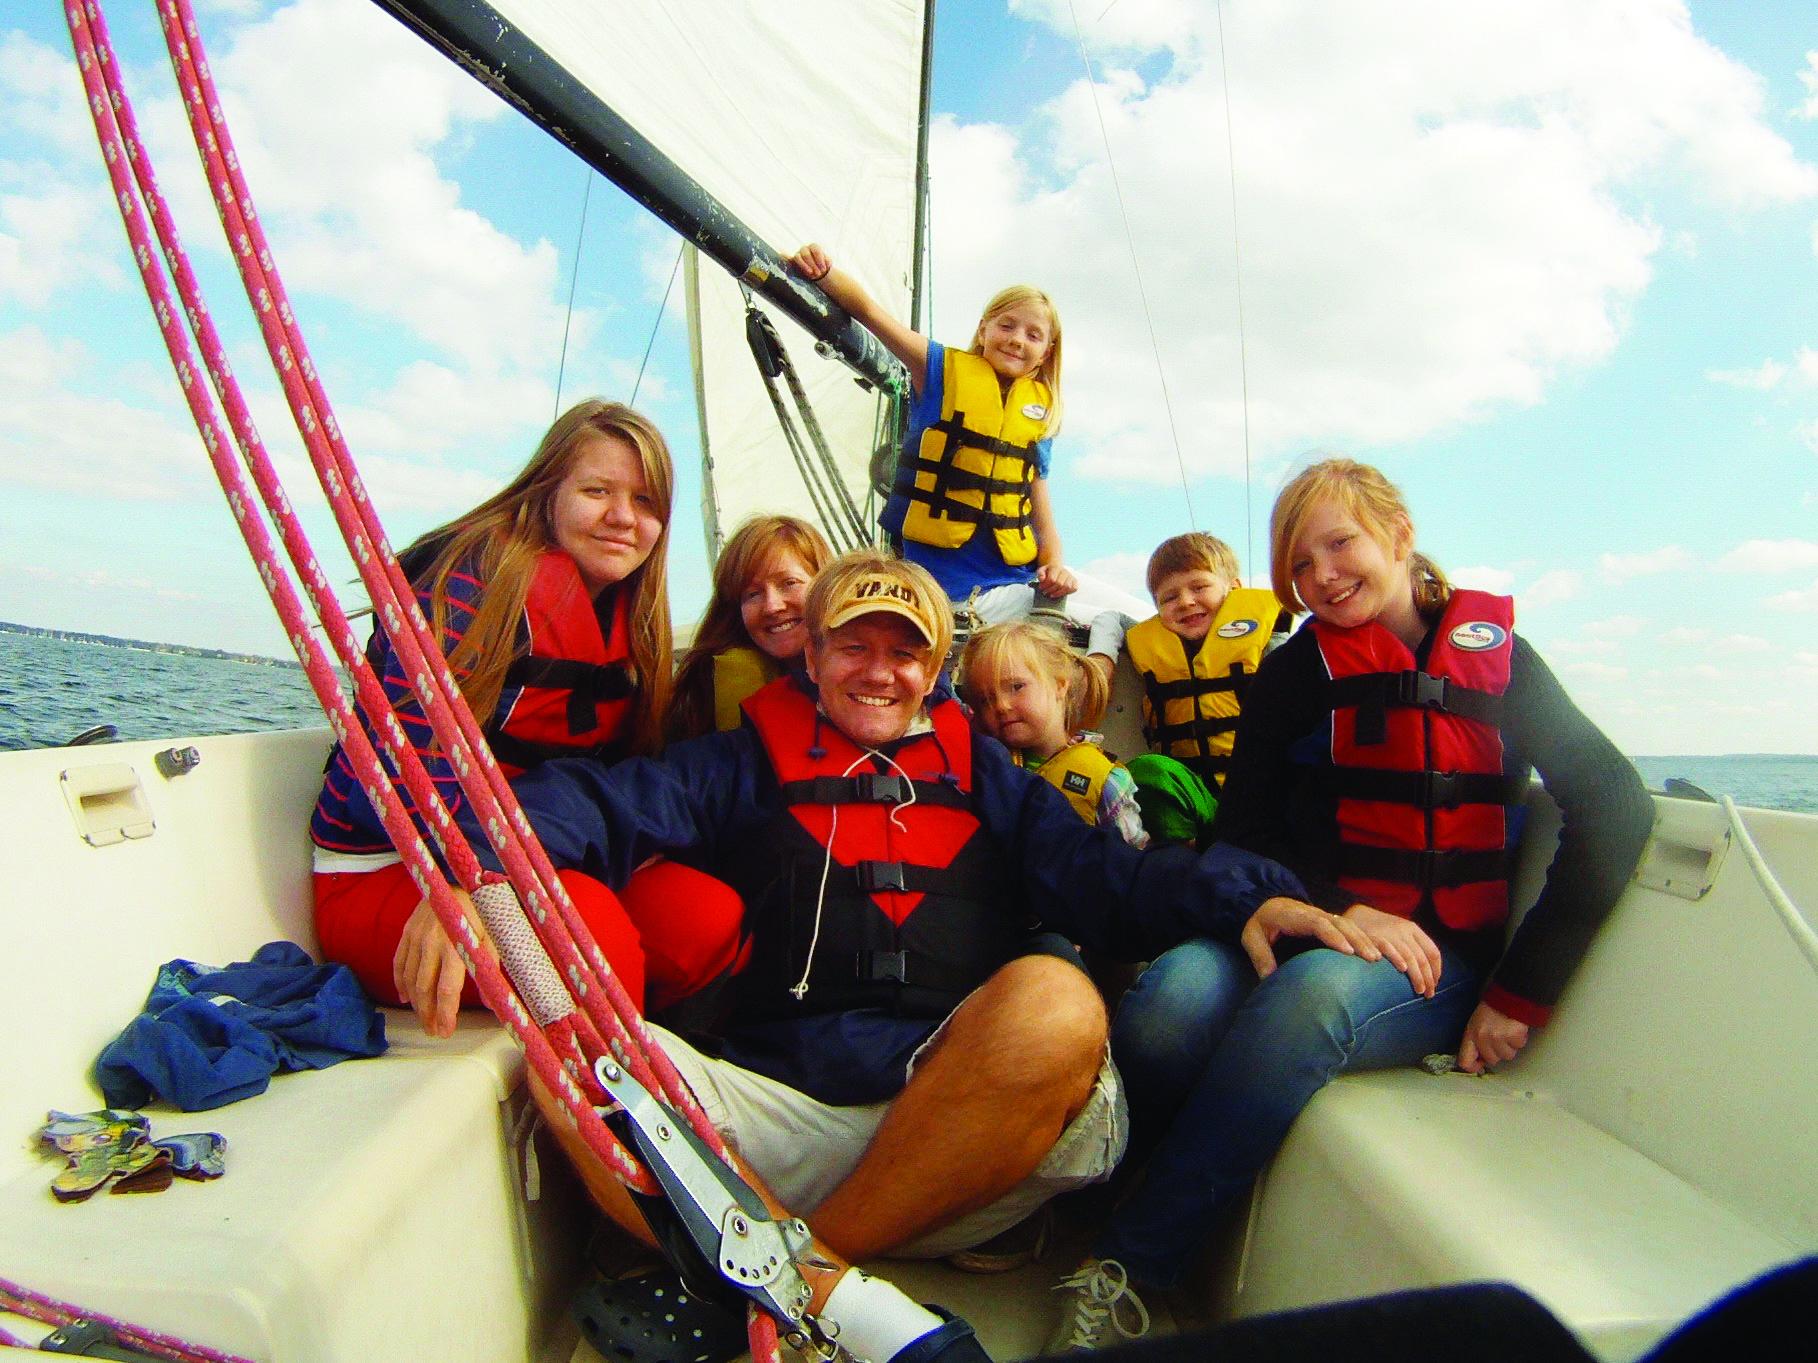 Erik and Emily Orton and their family.